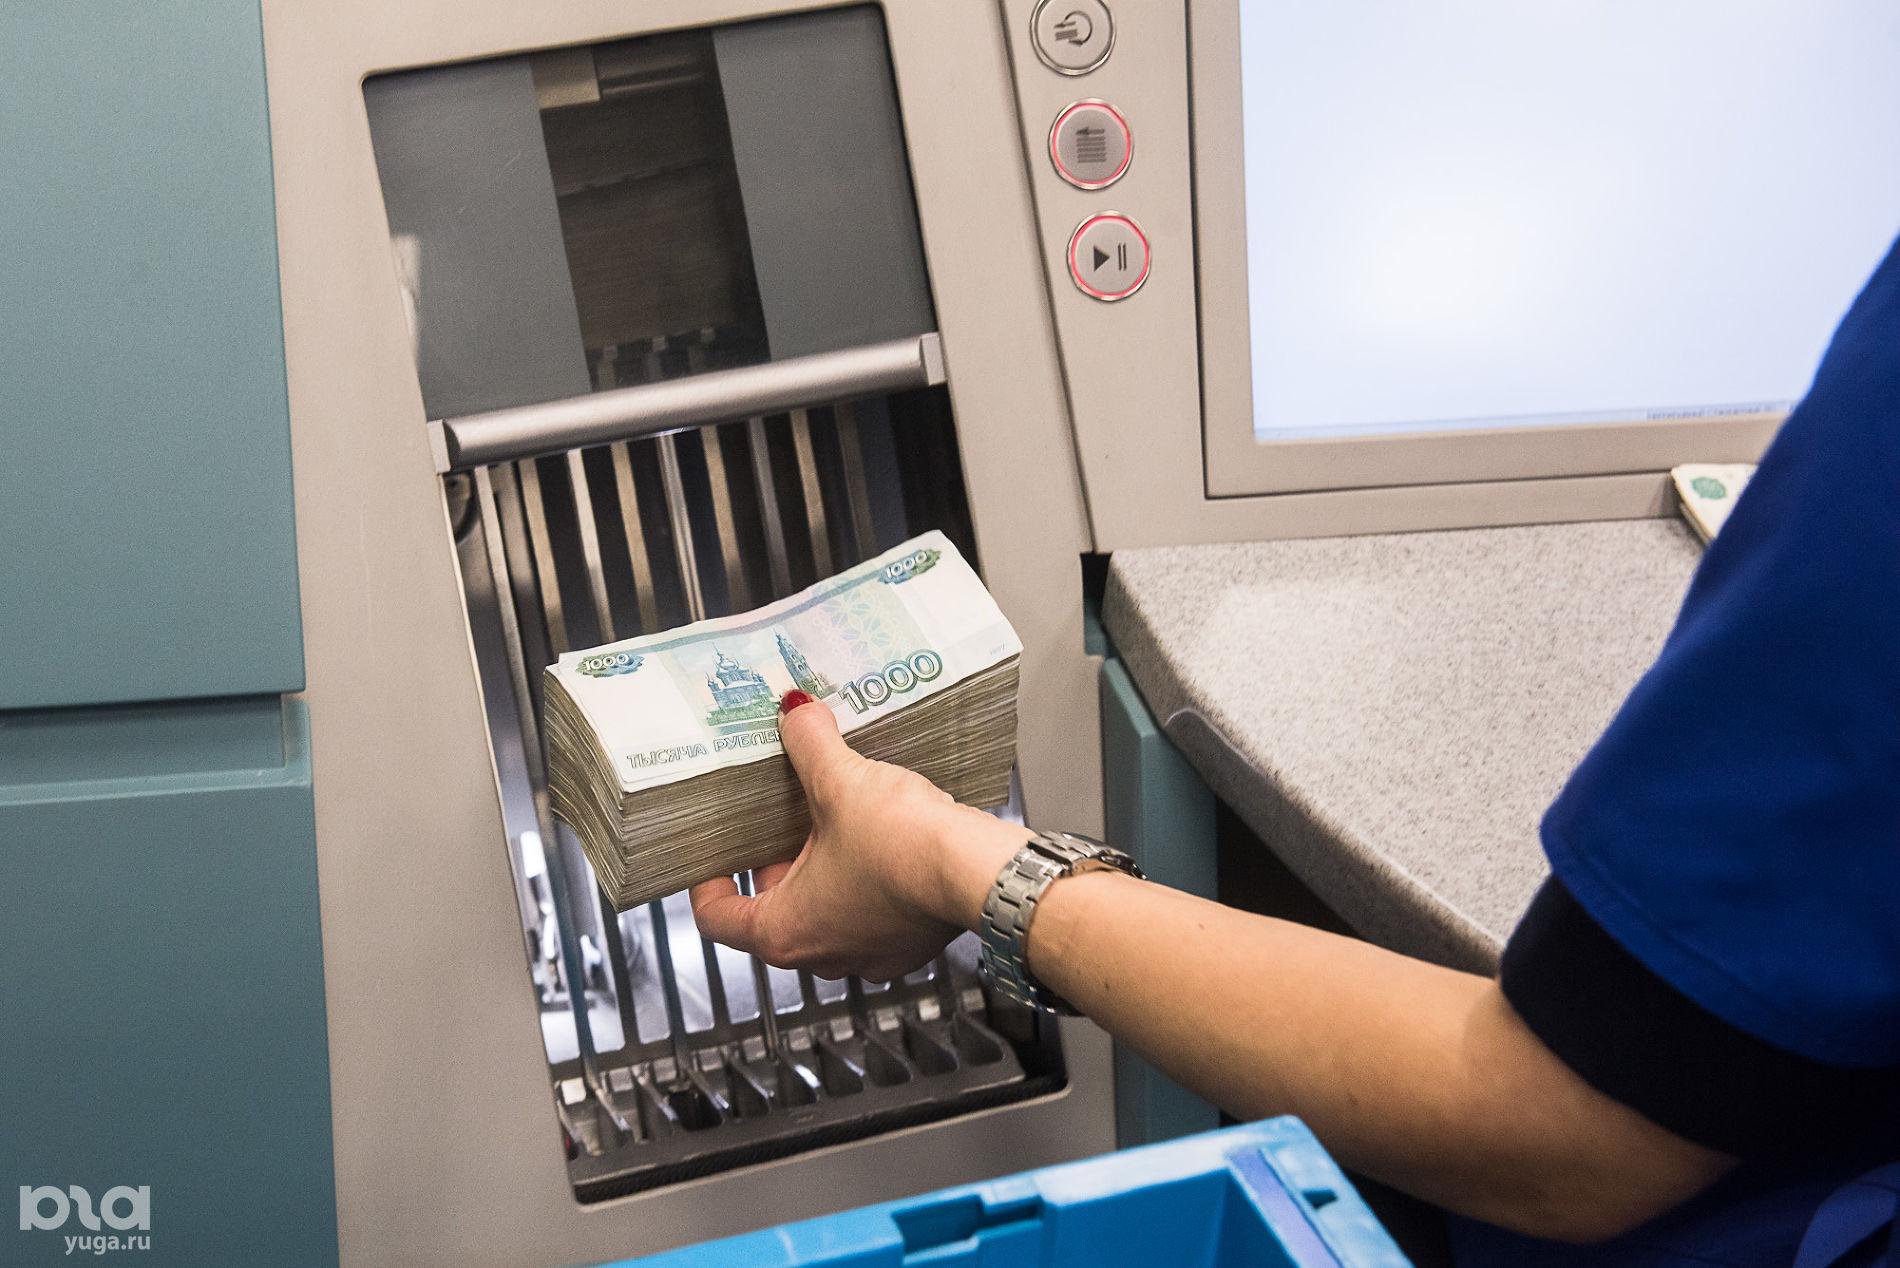 Оператор загружает банкноты в счетно-сортировальную машину ©Фото Елены Синеок, Юга.ру